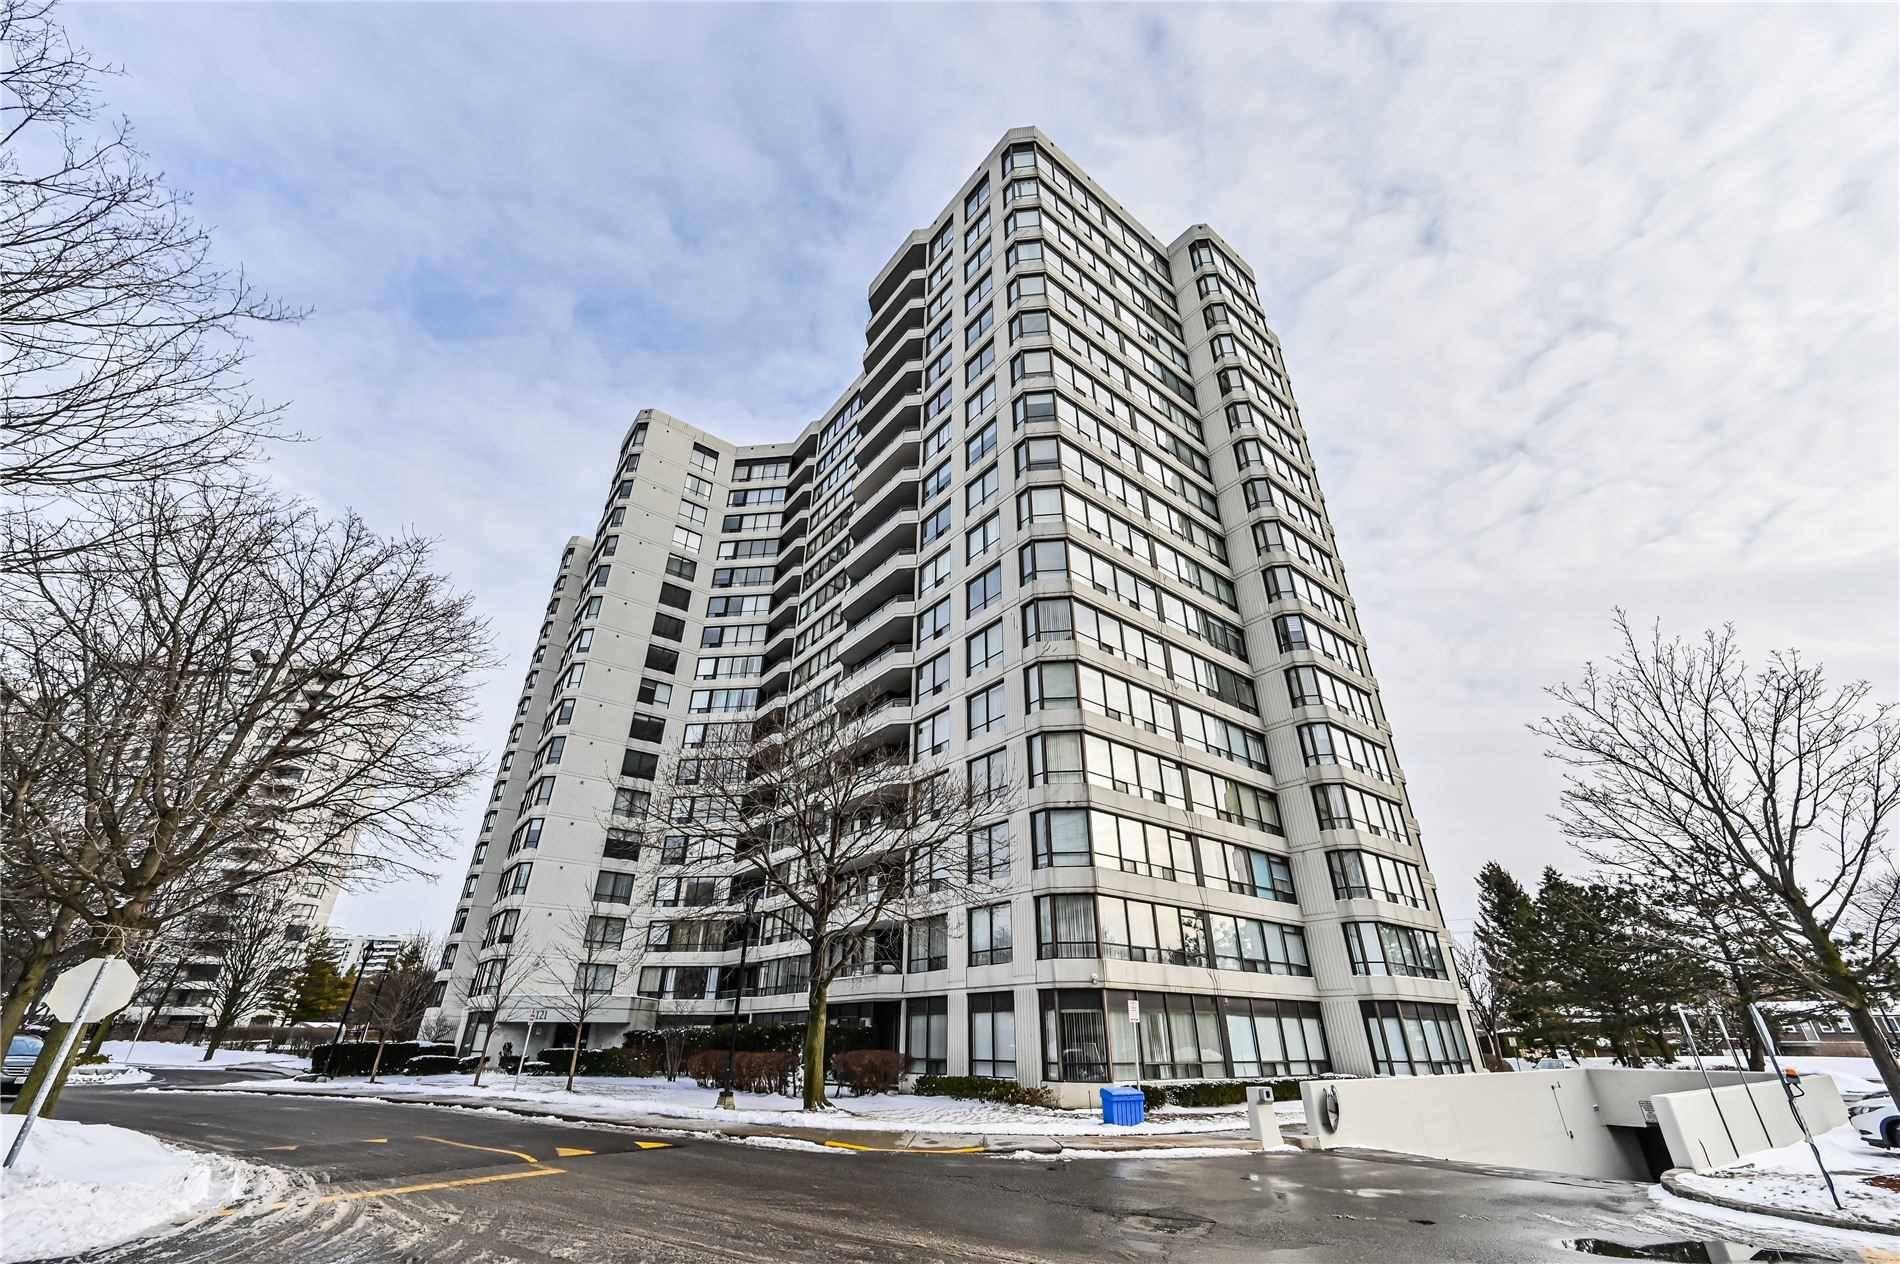 Primrose Towers Ⅱ Condos: 1121 Steeles Avenue West, Toronto, ON